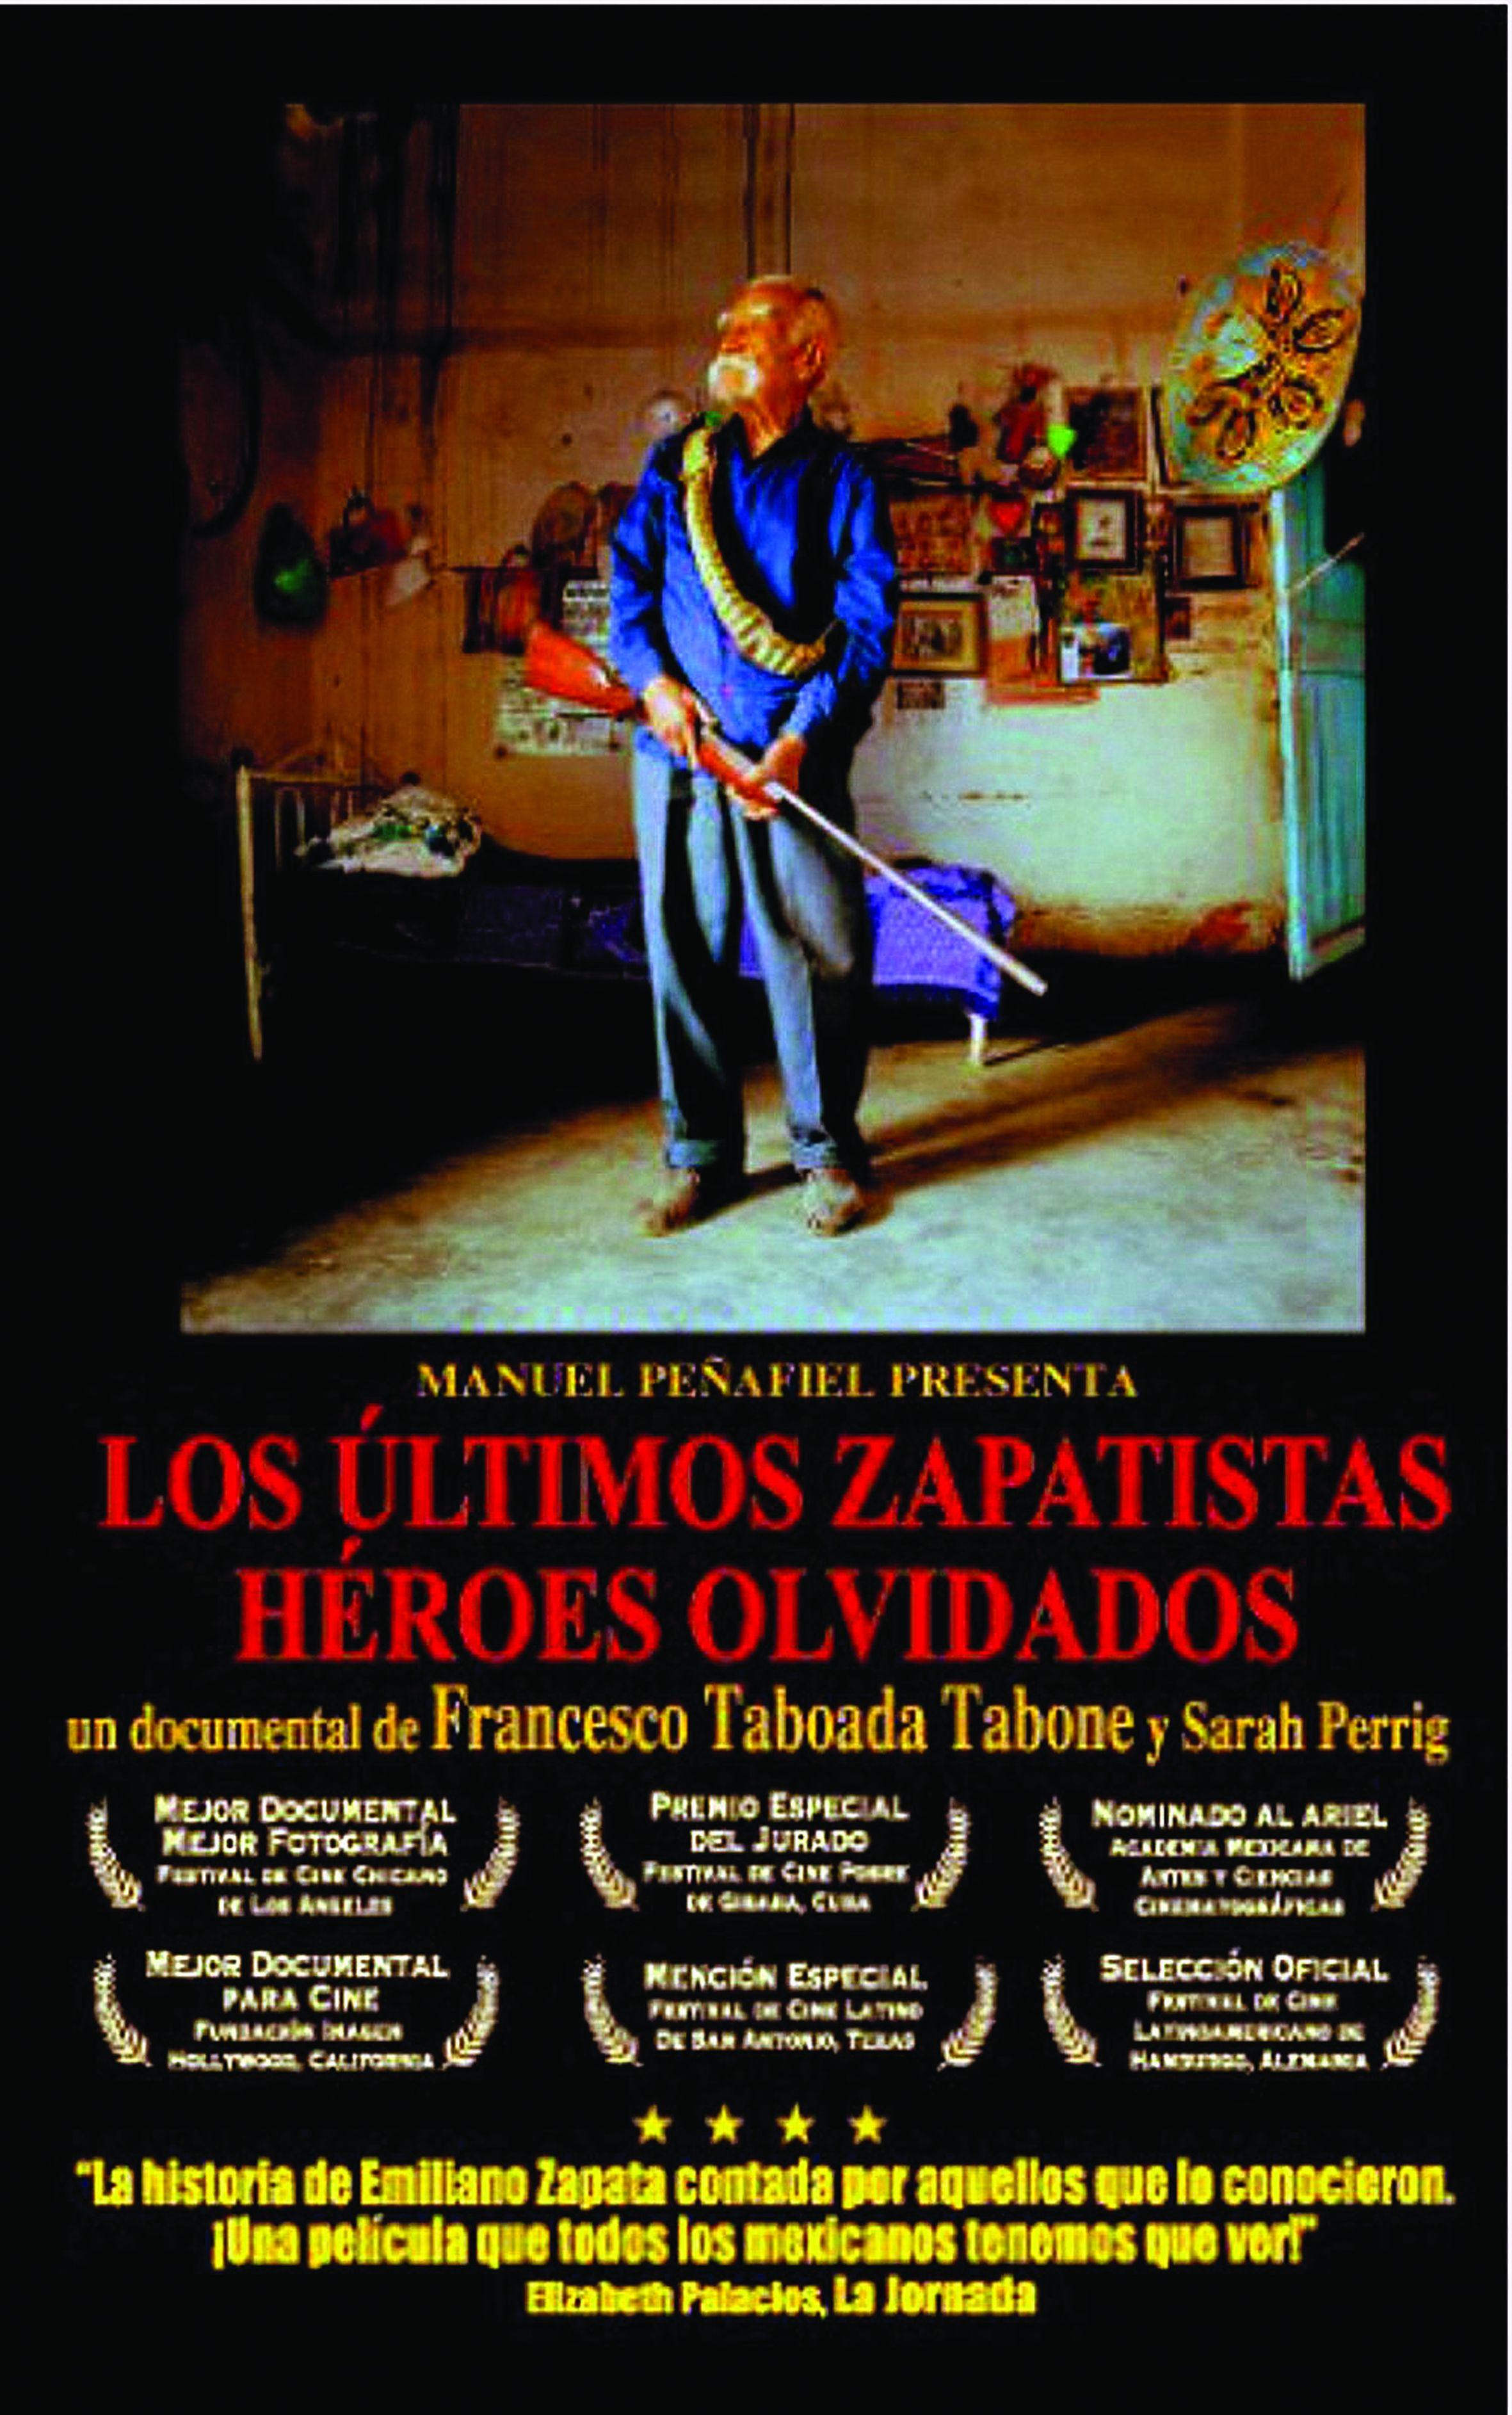 Cartel de Los últimos zapatistas. Héroes olvidados, Dir. Francesco Taboada, ©Fondo Estatal para la Cultura y las Artes de Morelos/Universidad Autónoma del Estado de Morelos, México, 2002.